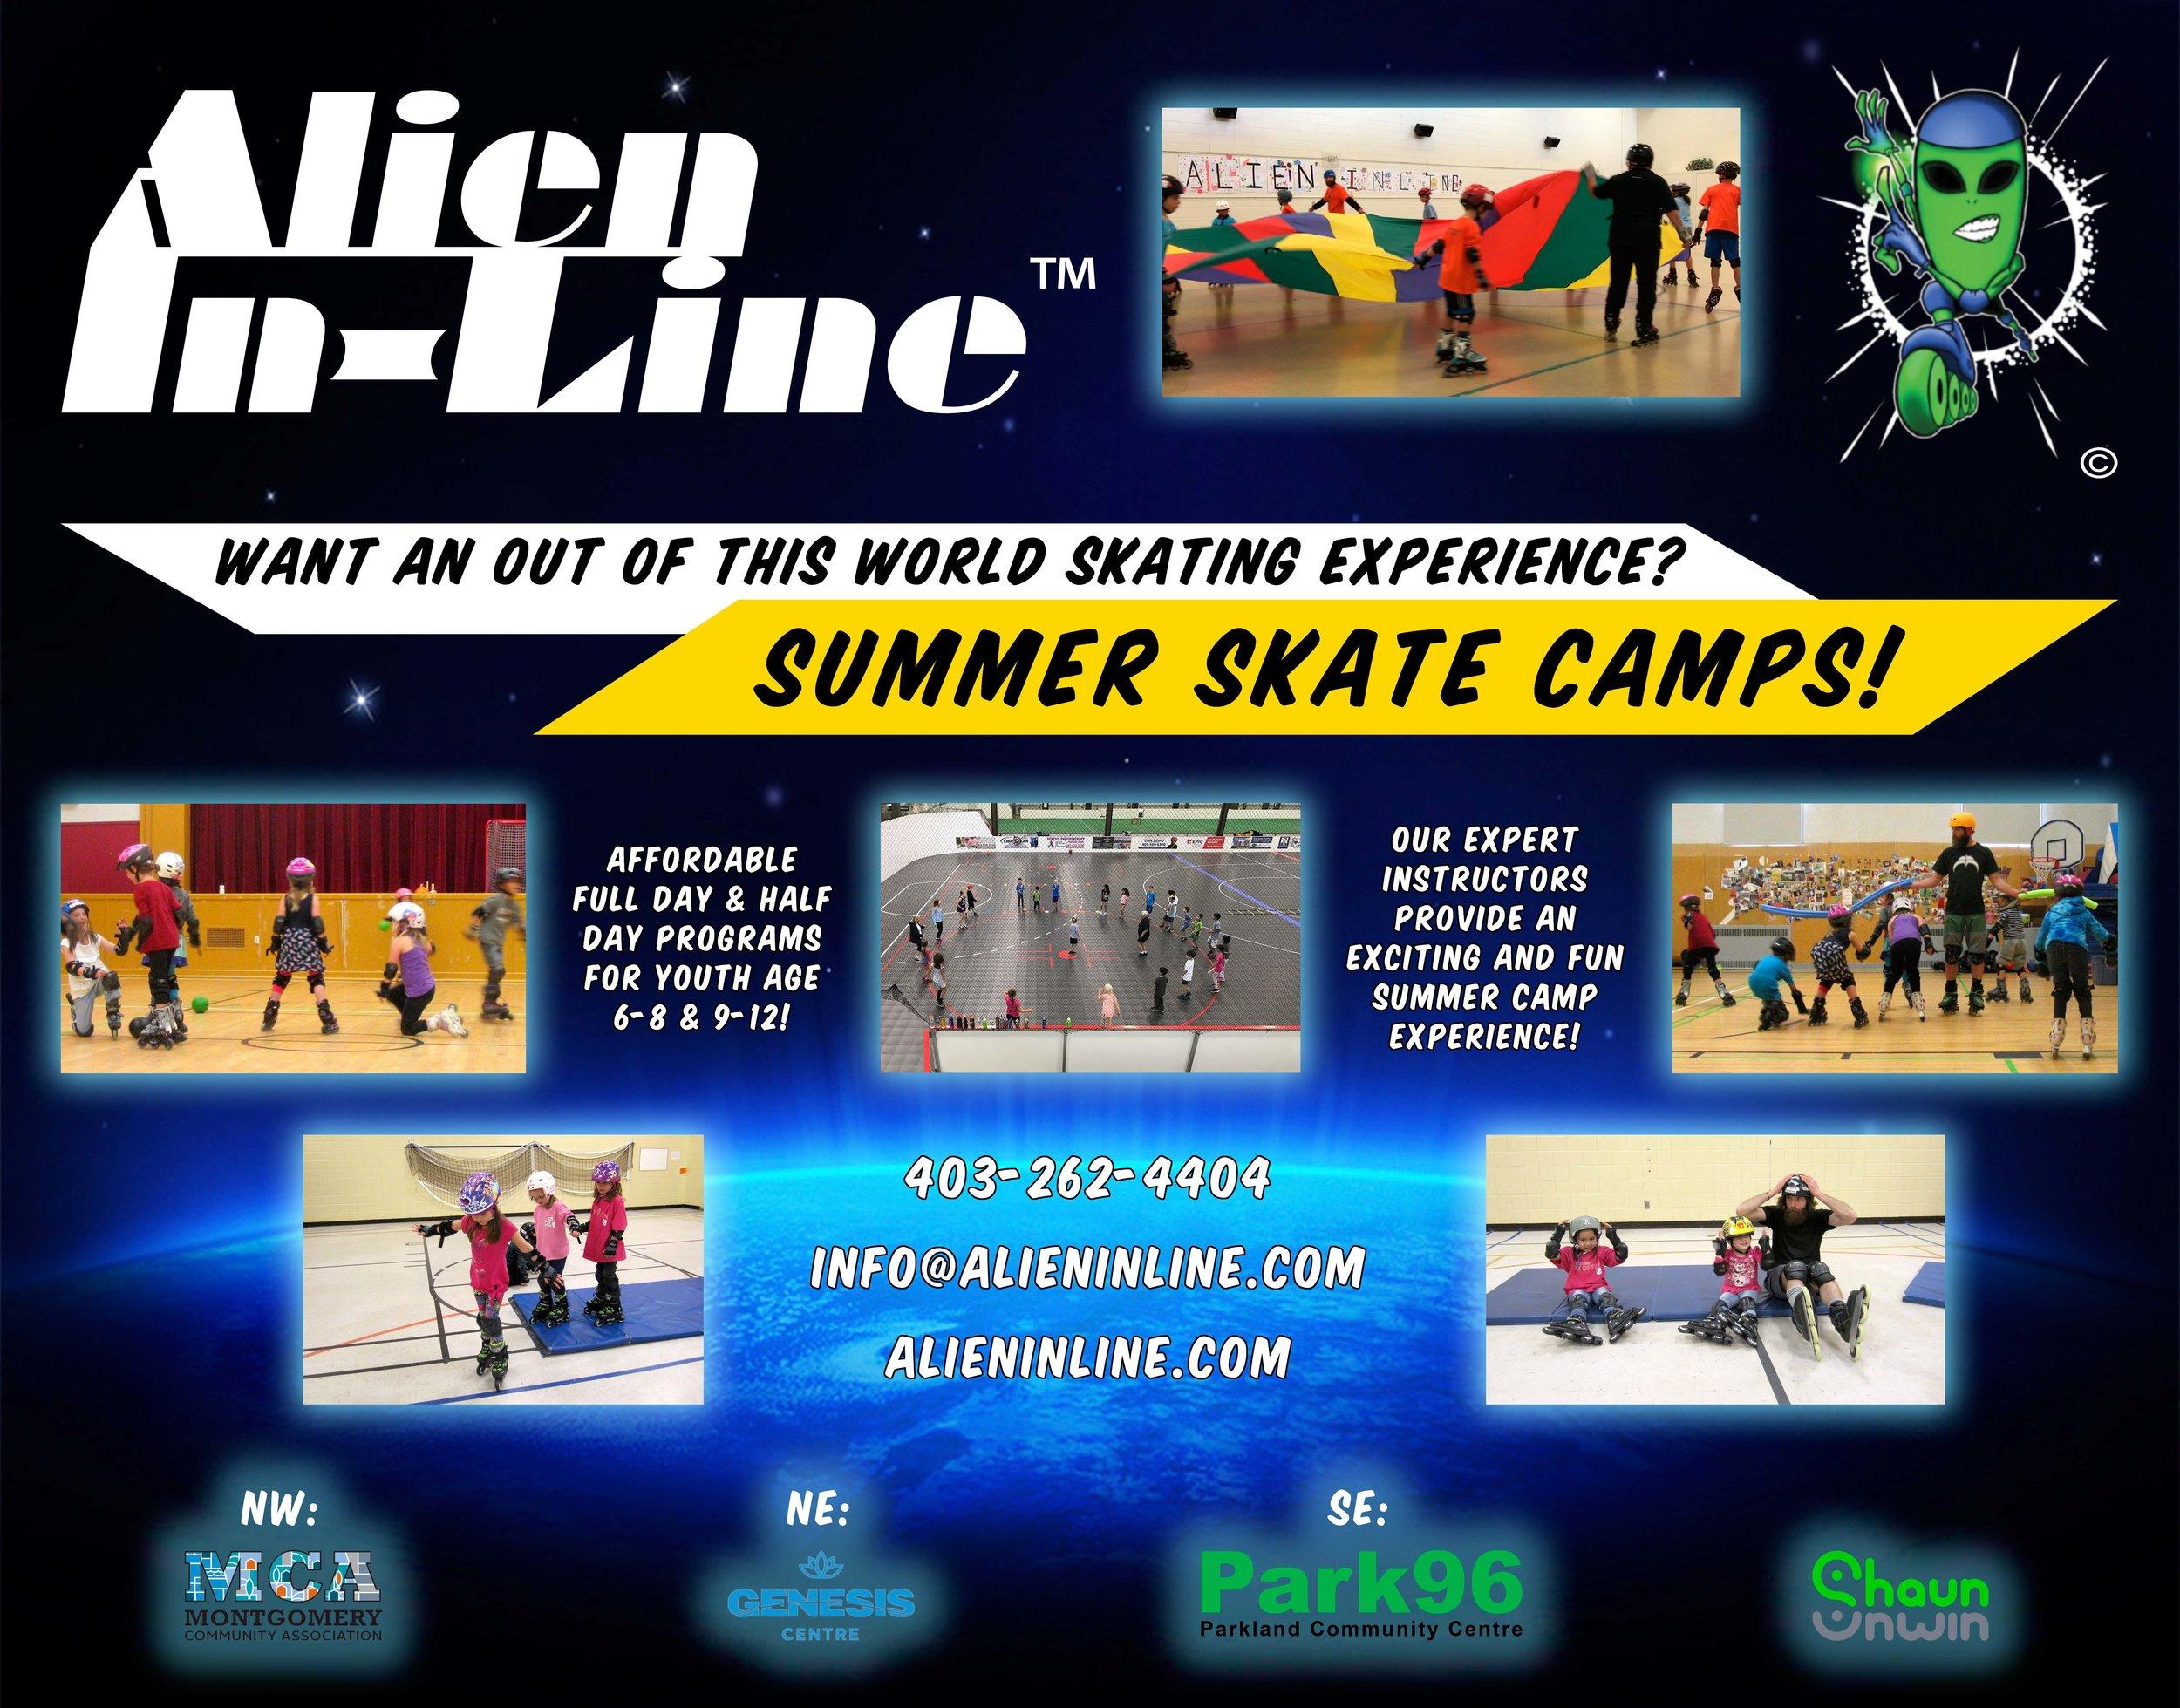 2019 AIL Summer Skate Camp Poster v4.5.3.jpg